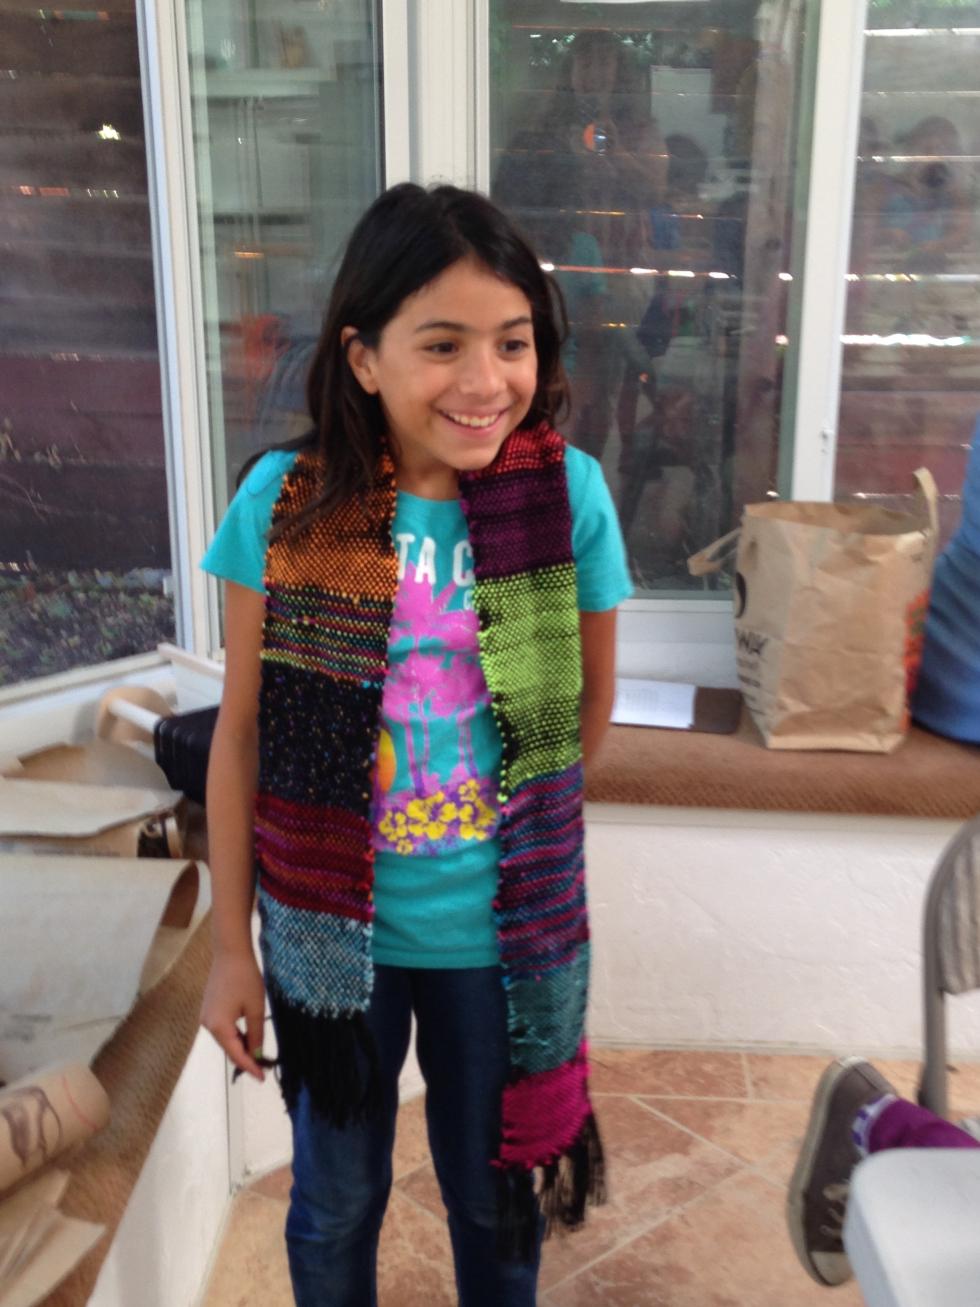 4th grader scarf